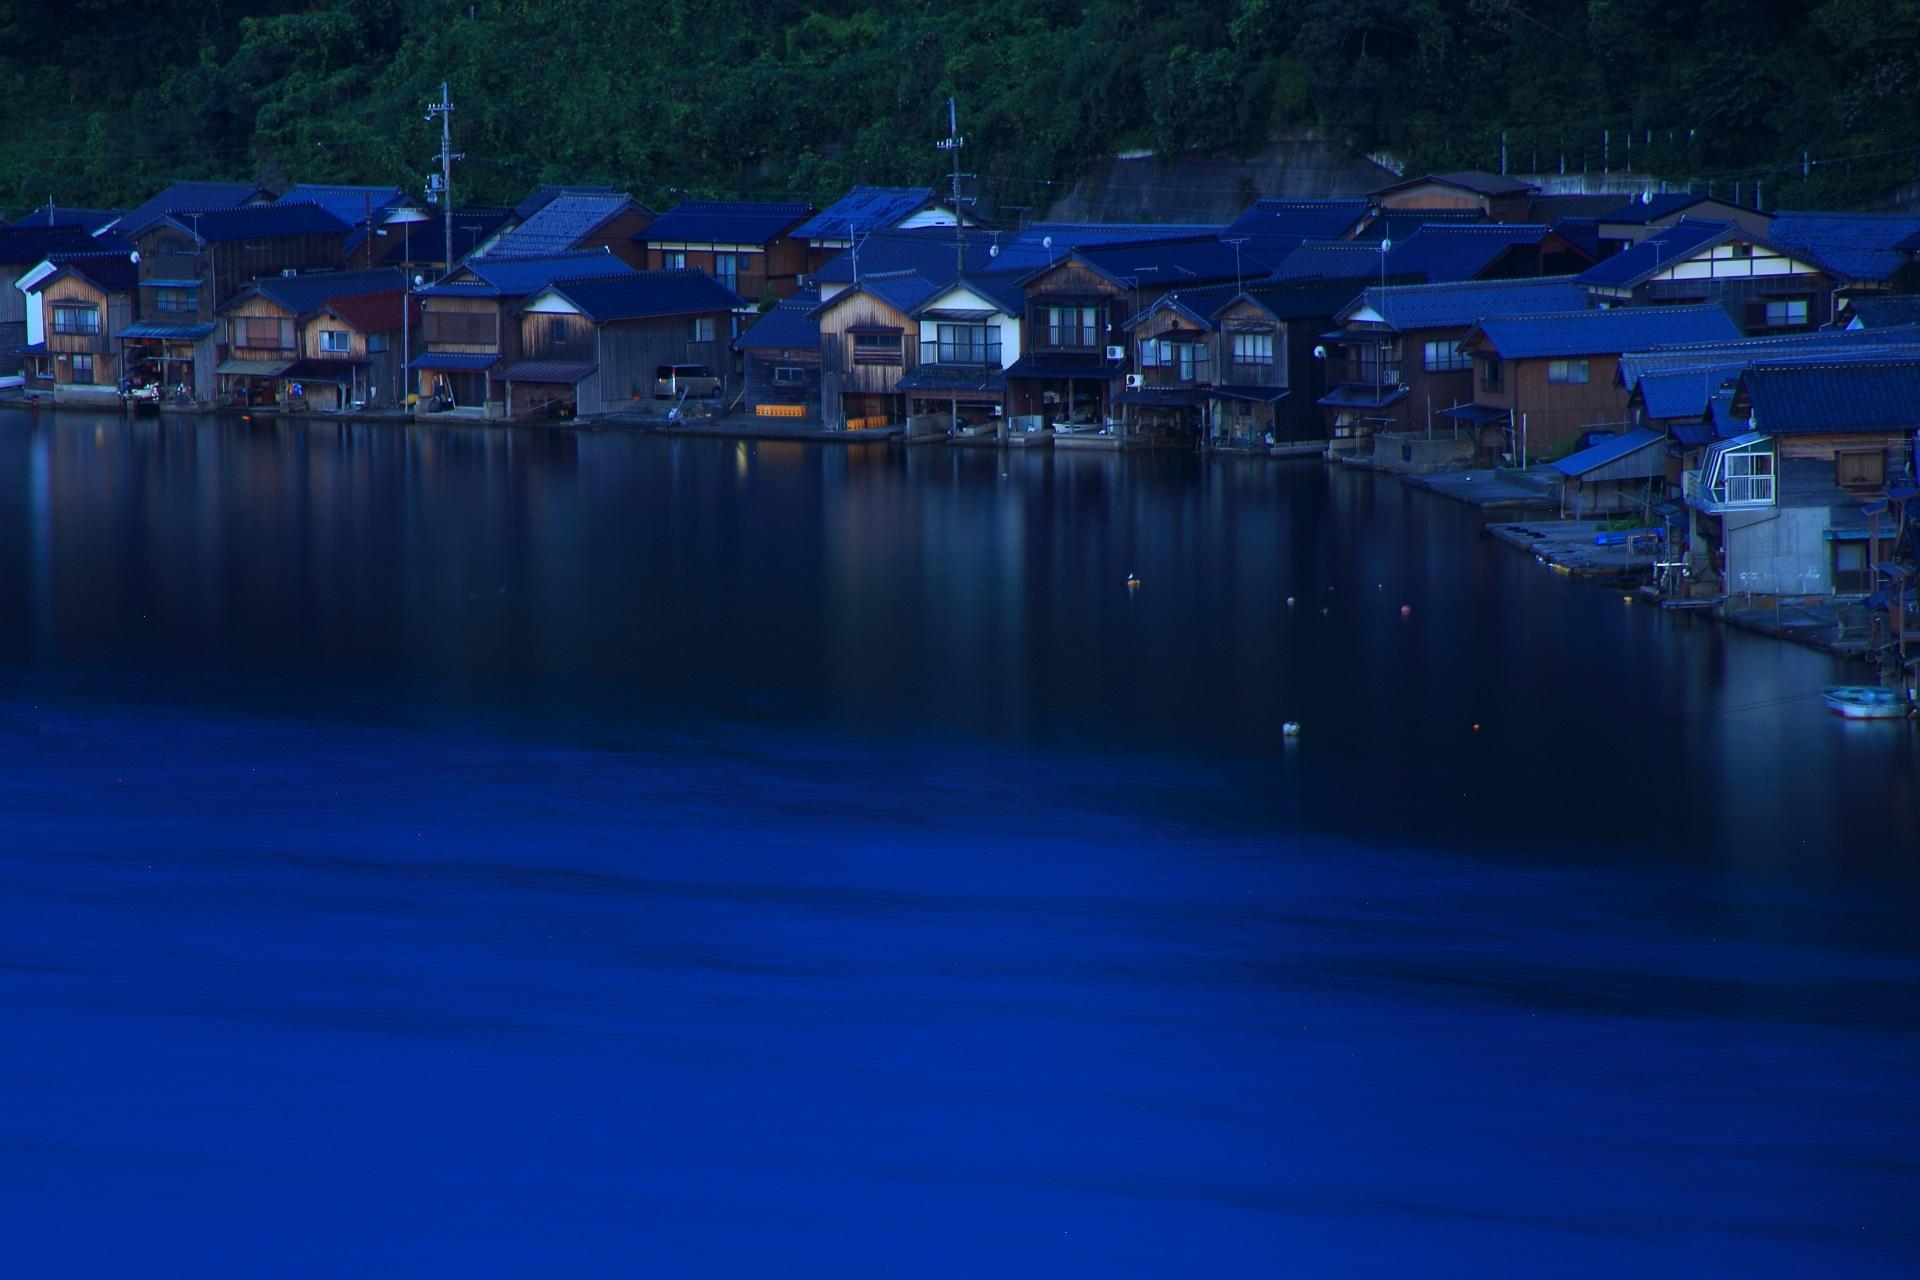 夜明けのまだ明りが灯っていない伊根の舟屋